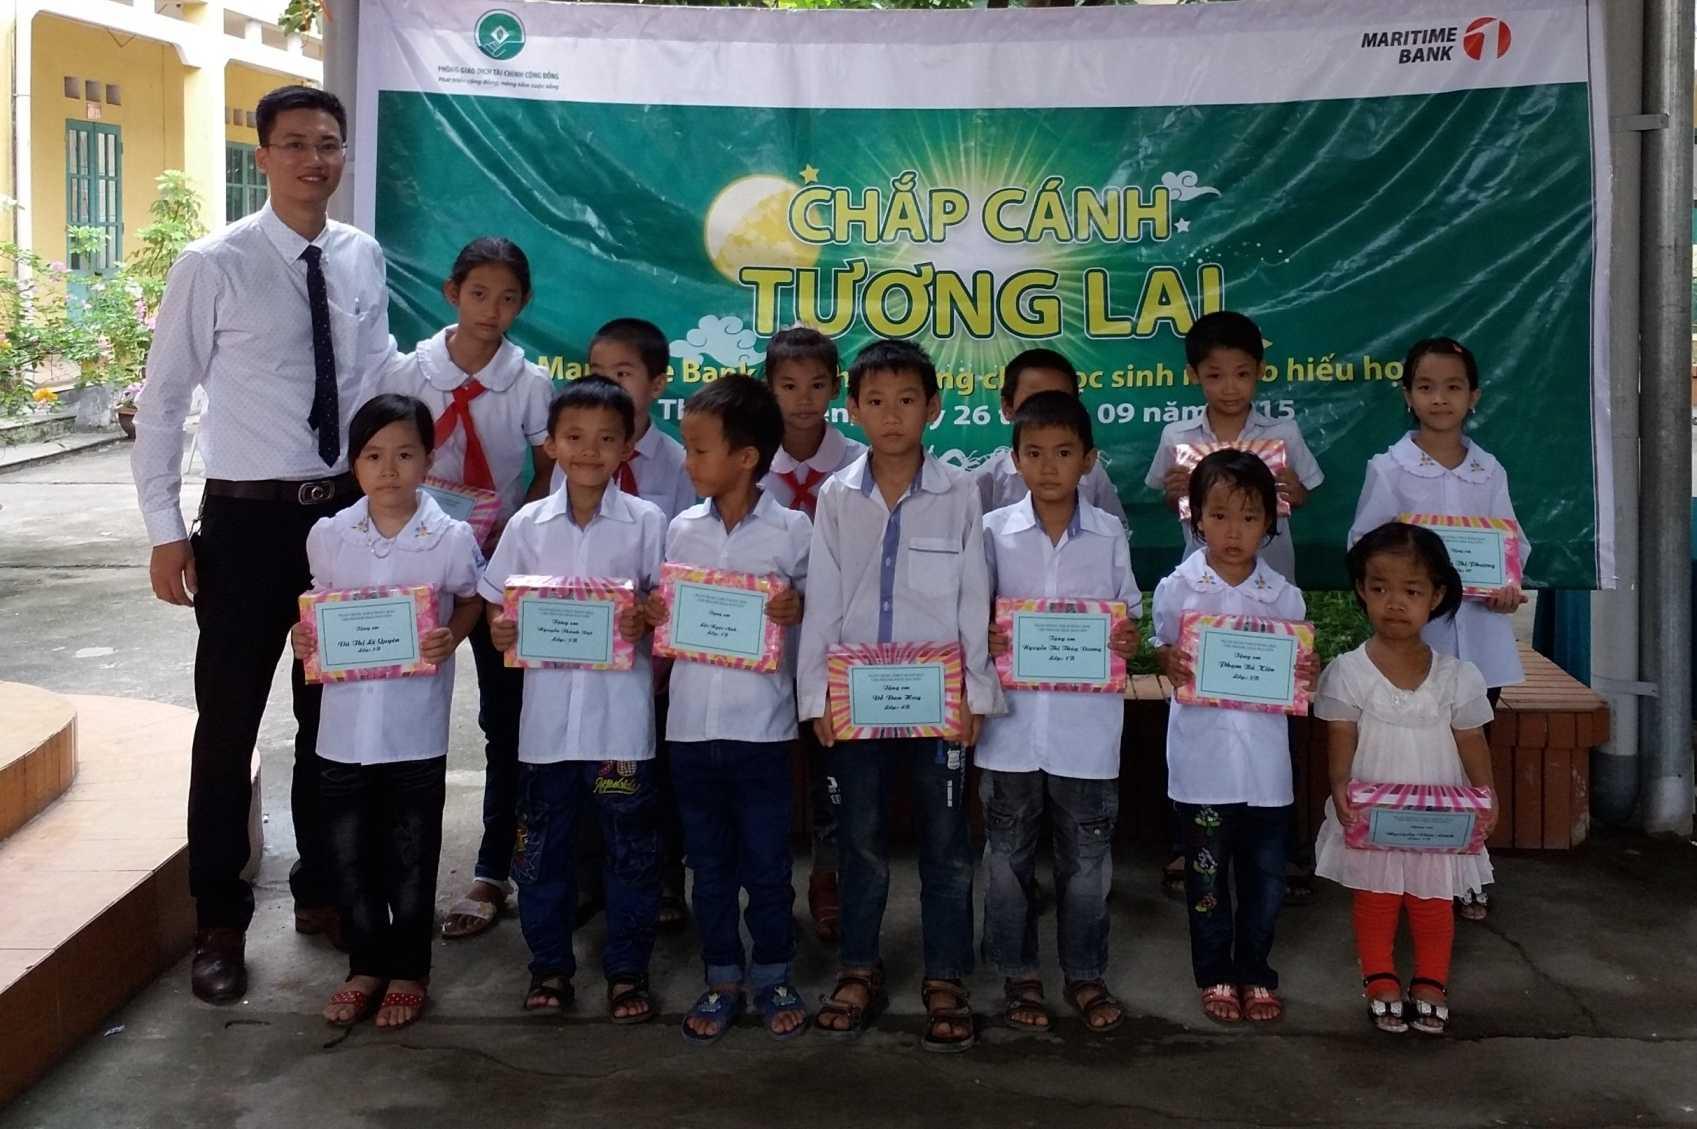 Ngân hàng Cộng đồng- Maritime Bank trao học bổng cho các học sinh nghèo hiếu học dịp Tết Trung thu  2015 tại Trường tiểu học Túc Duyên, TP Thái Nguyên